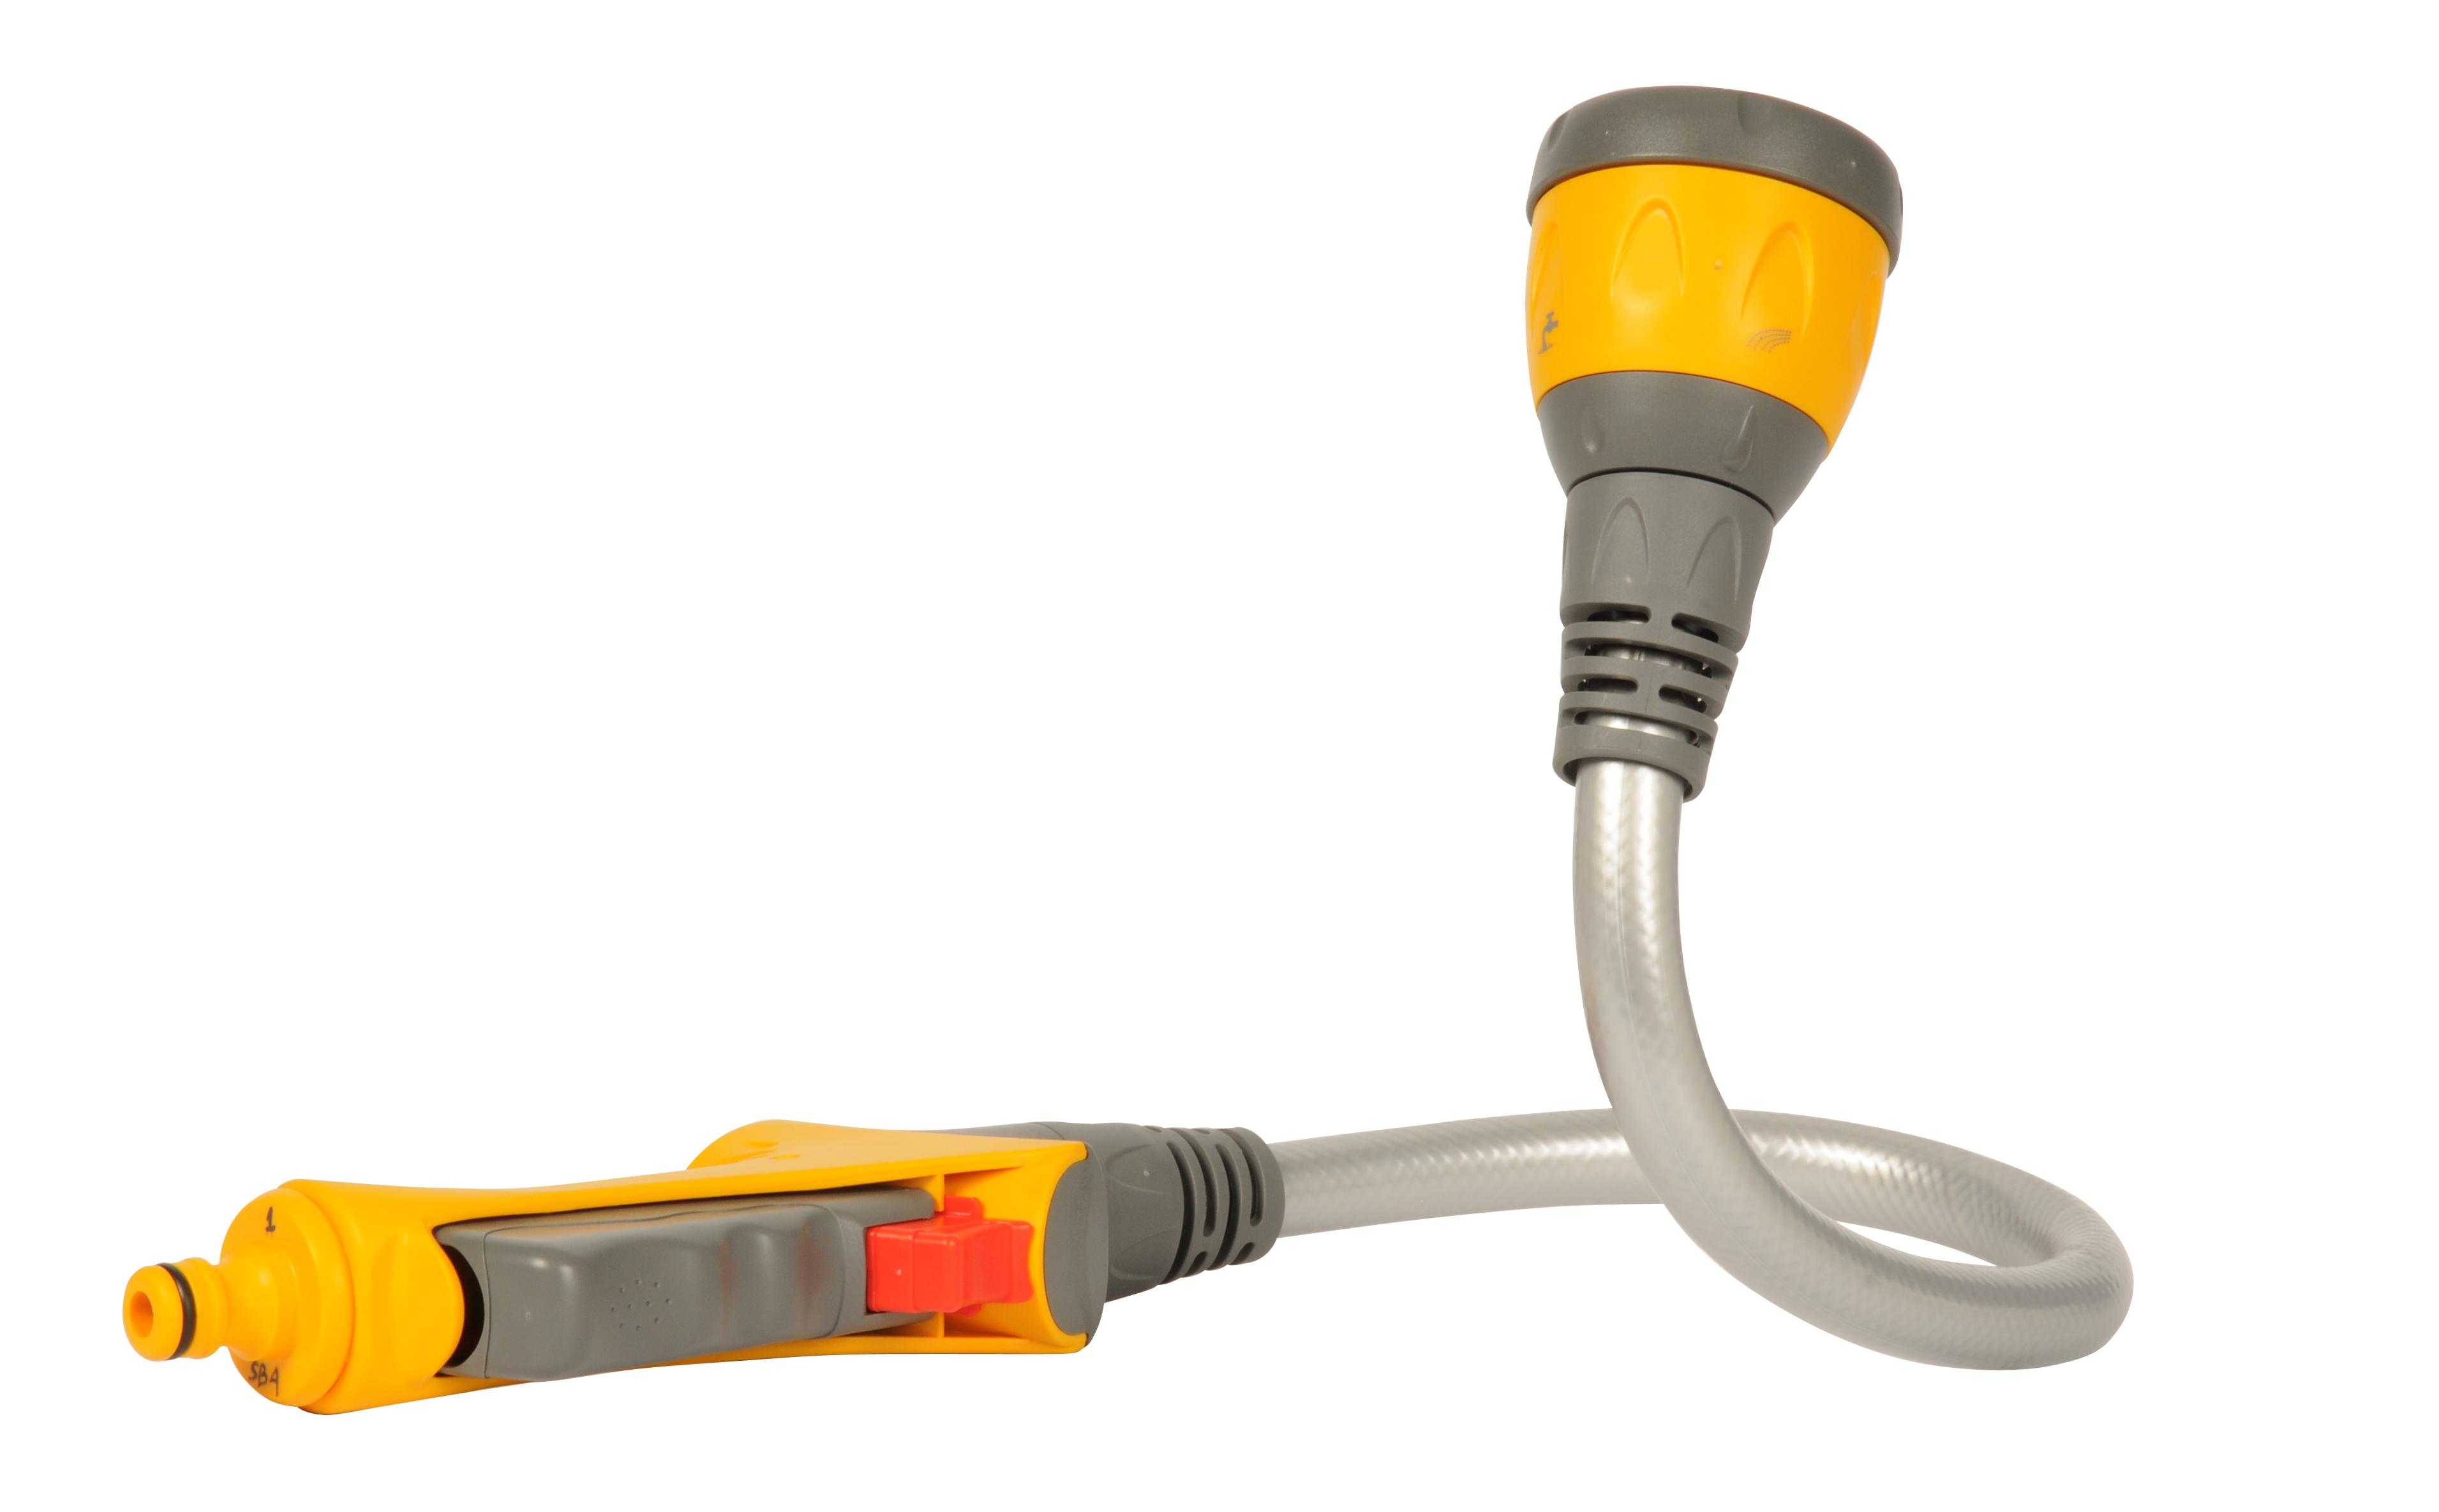 Photo: Hozelock's gardening device Flexi Spray, designed by Seymourpowell